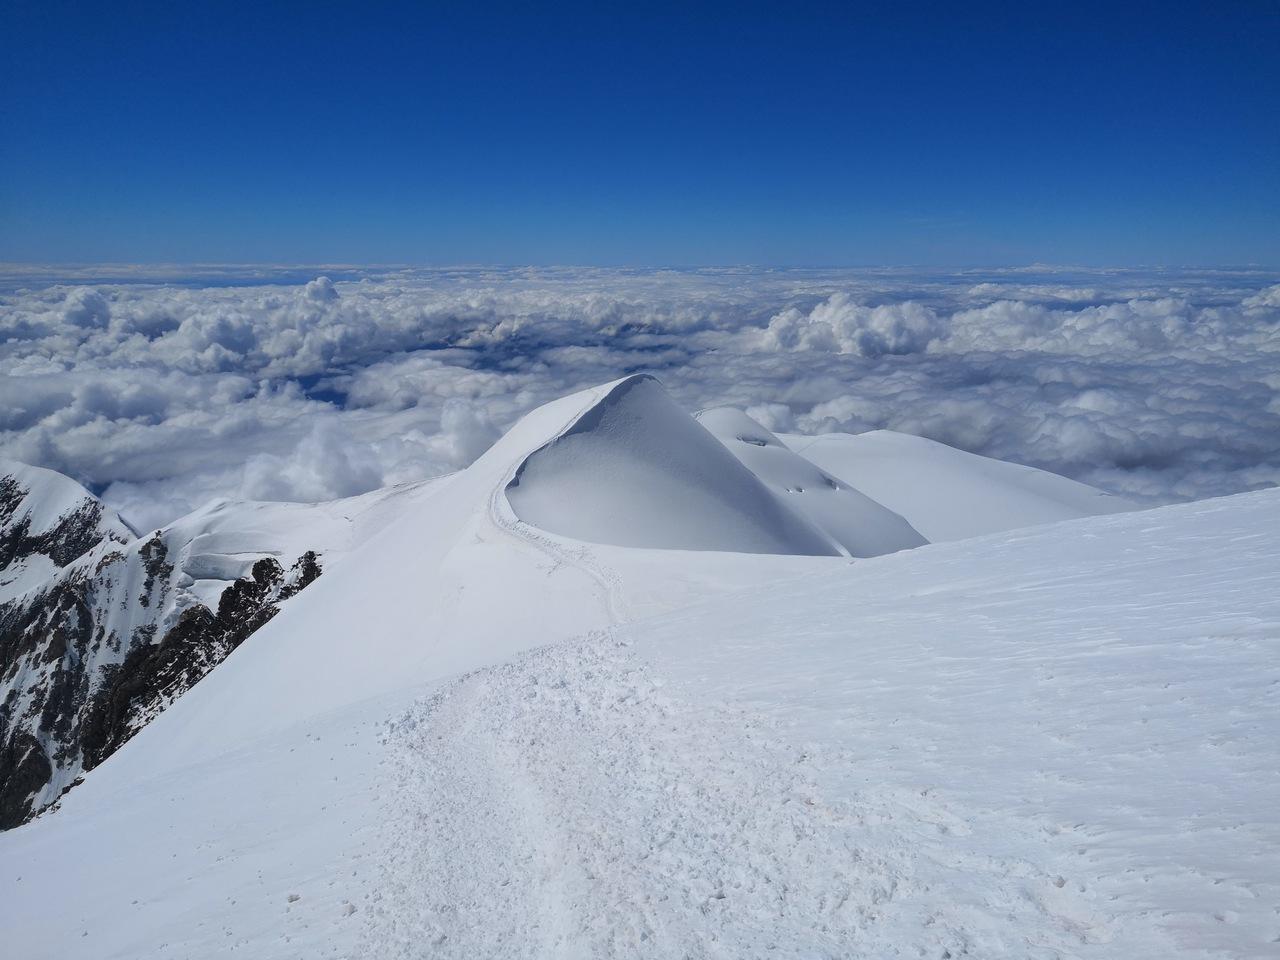 siodła, przez które prowadzi trasa na i ze szczytu